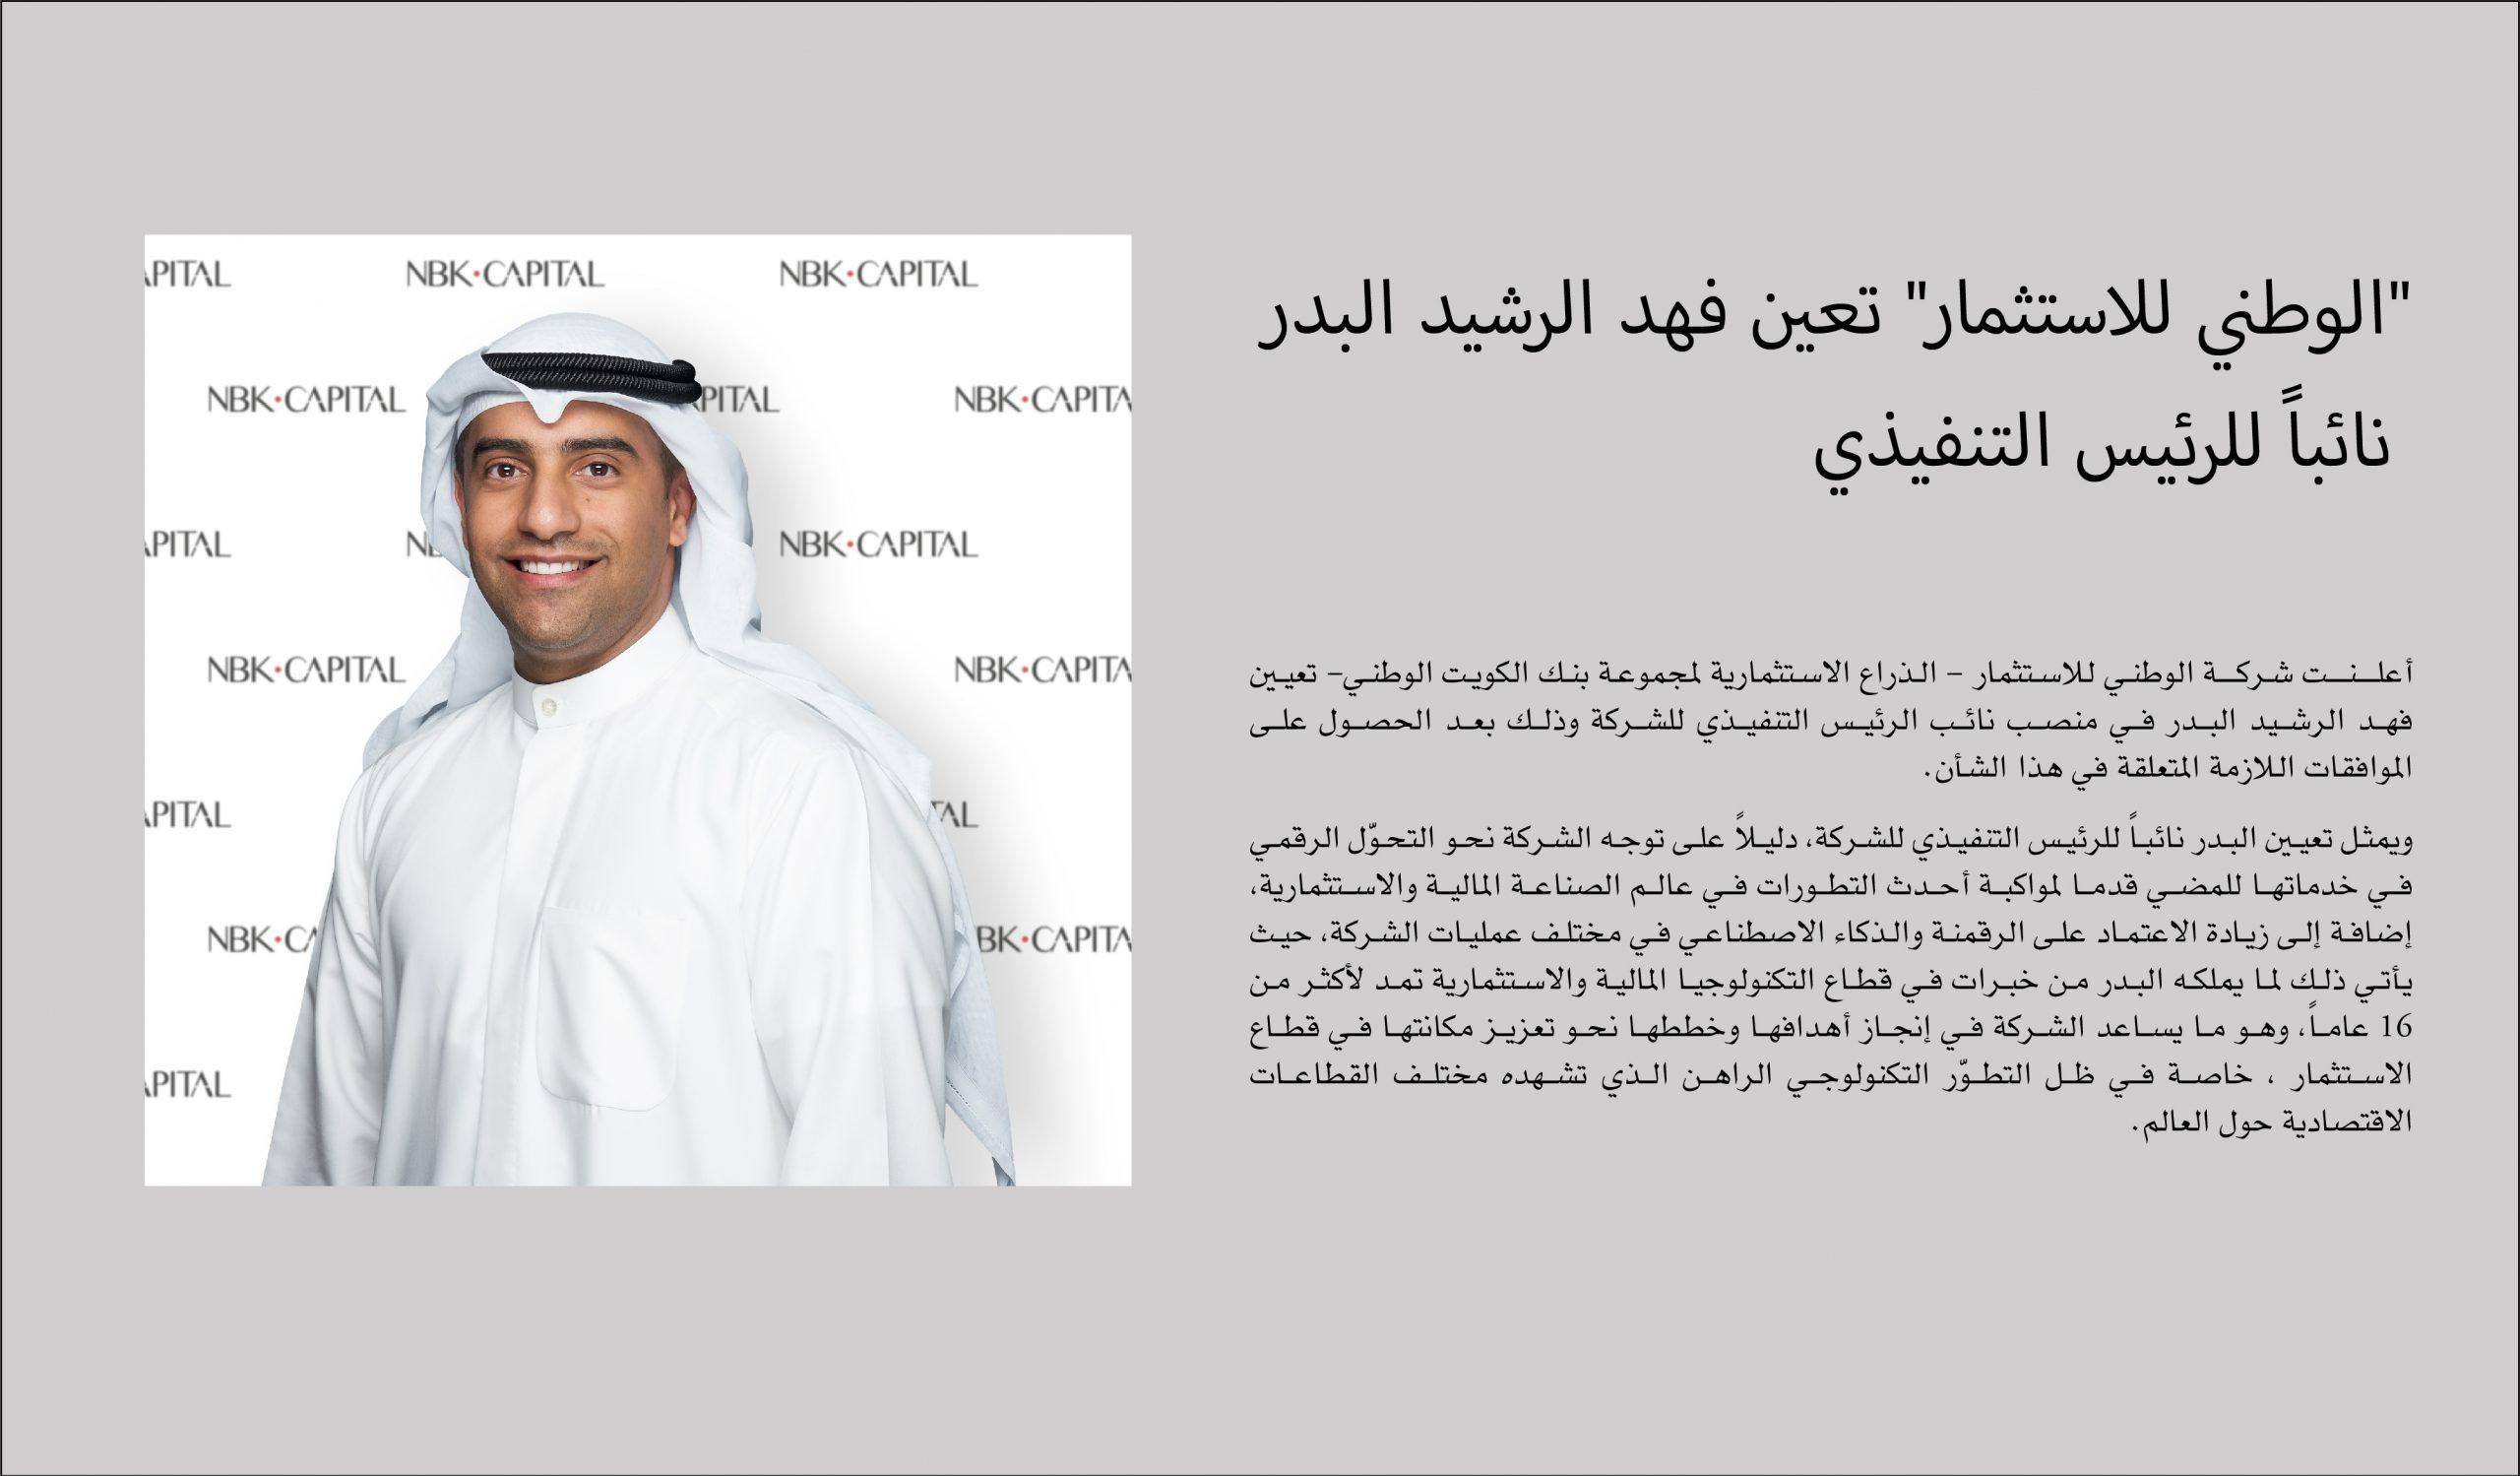 """""""الوطني للاستثمار"""" تعين فهد الرشيد البدر نائباً للرئيس التنفيذي"""